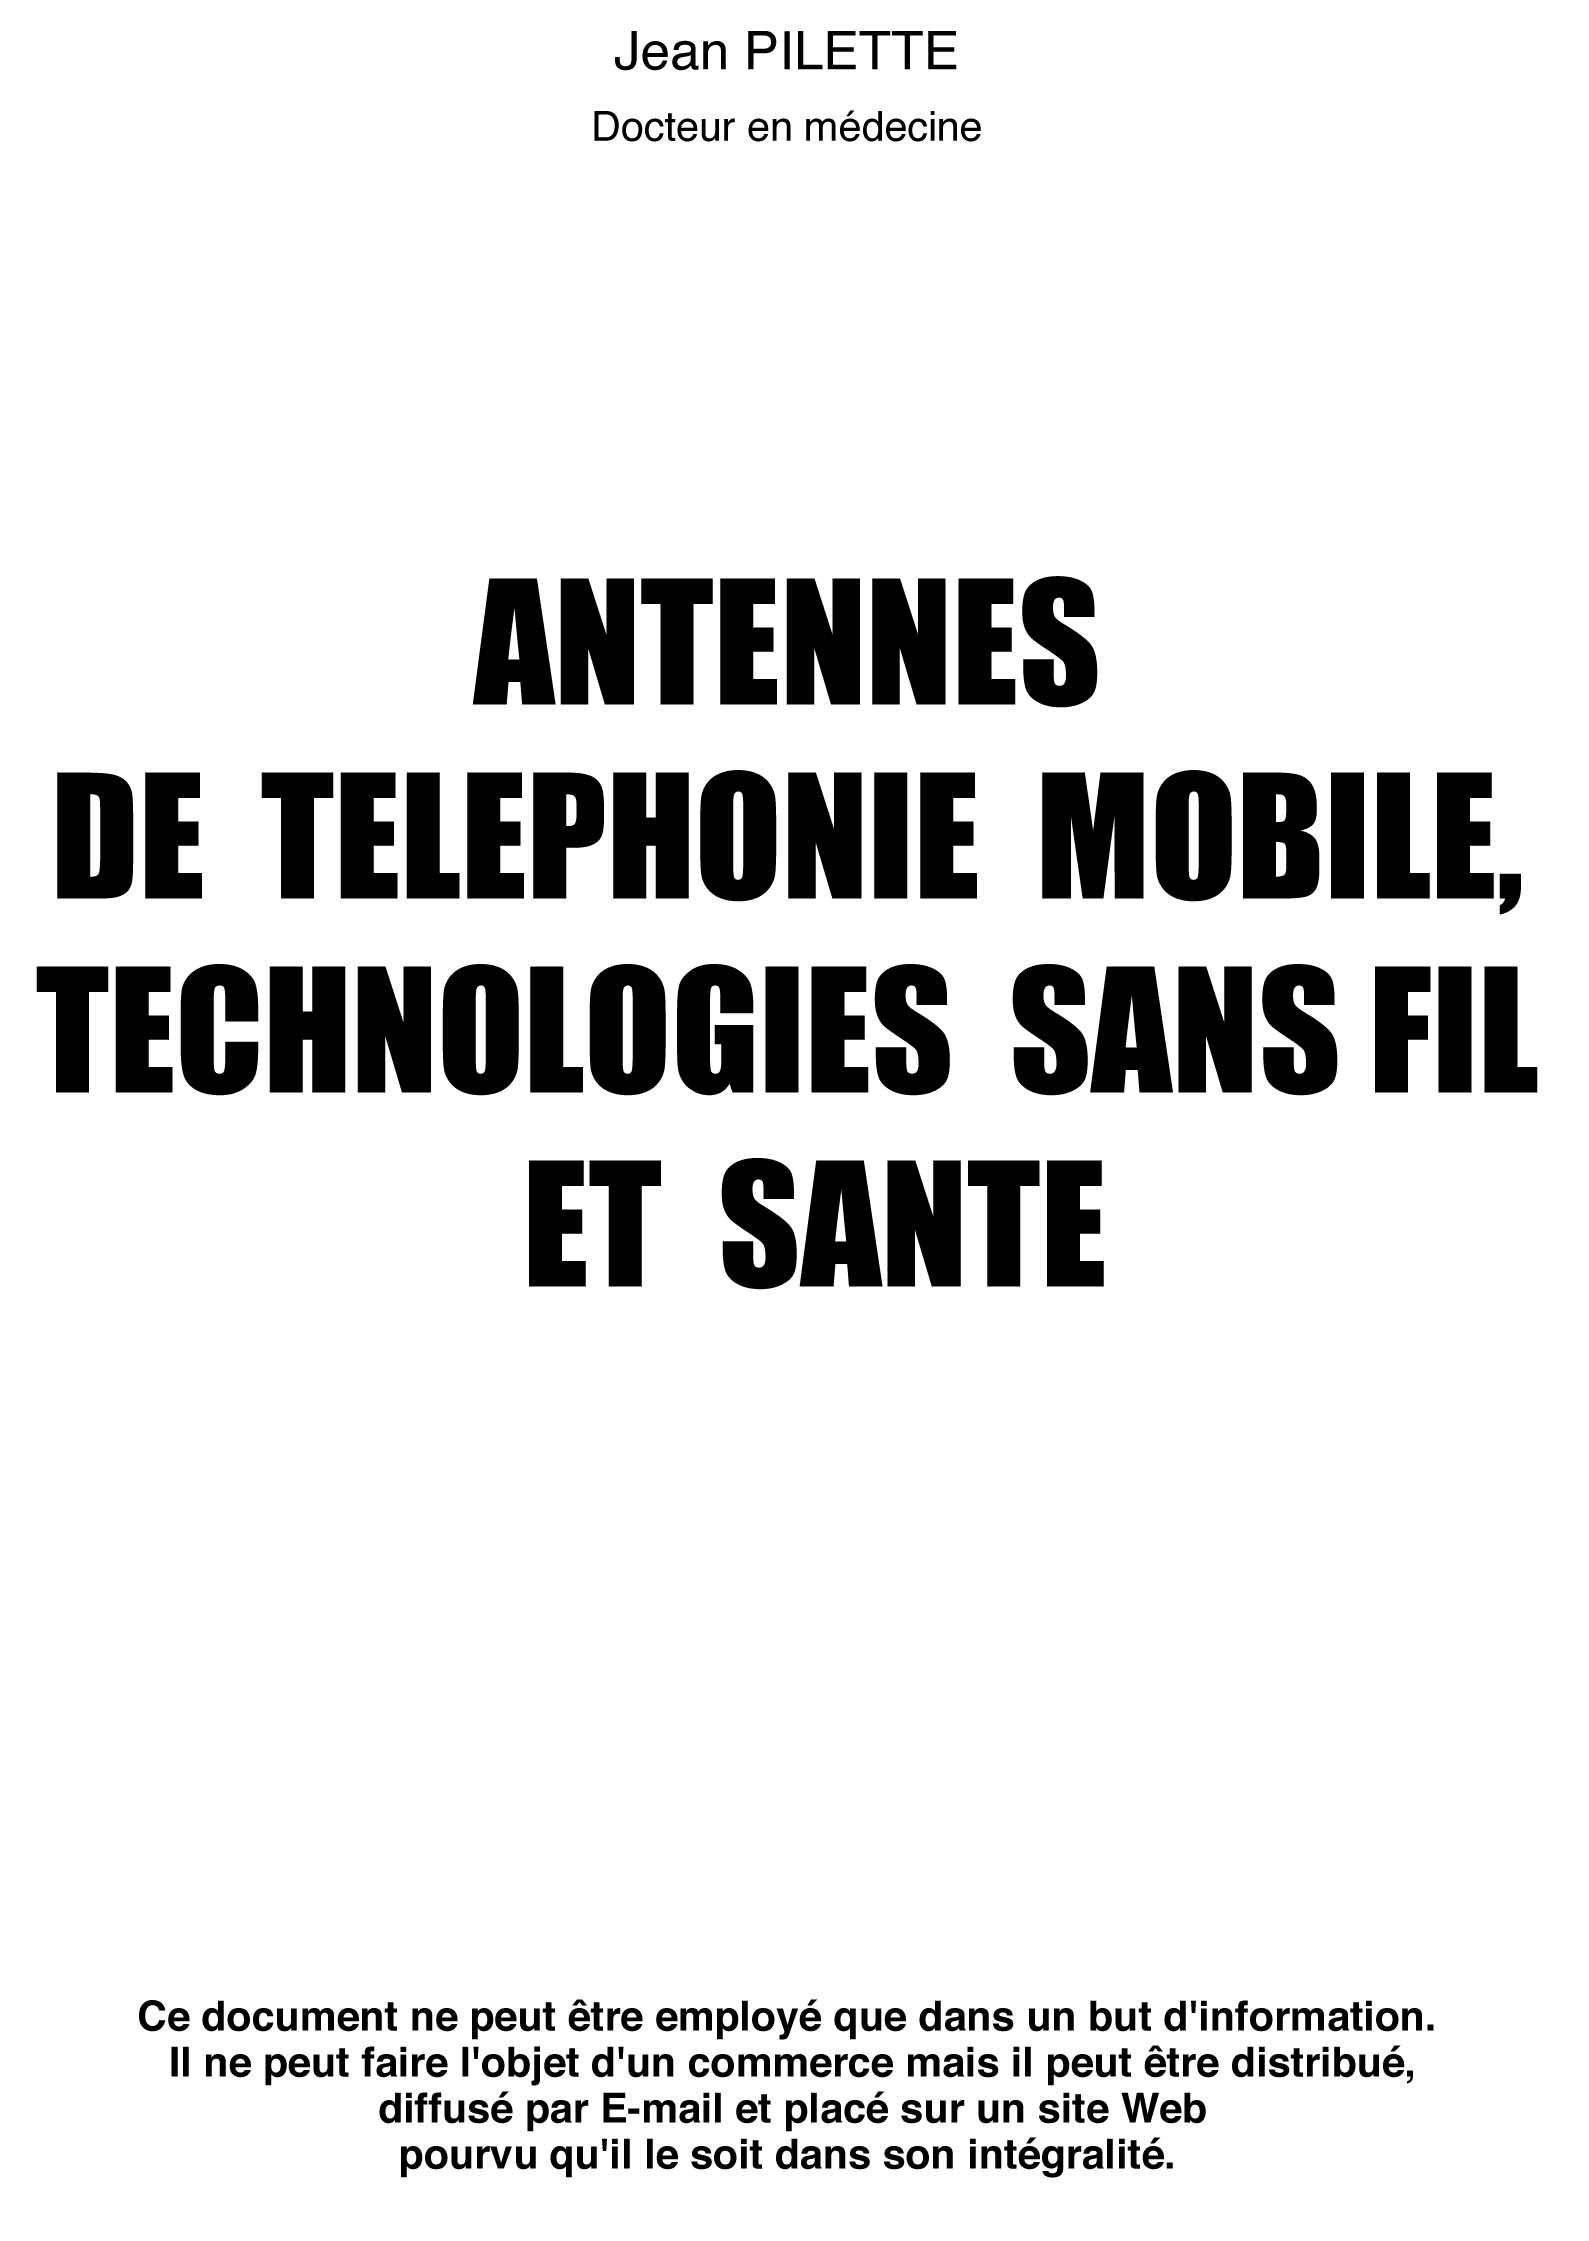 ANTENNES DE TELEPHONIE MOBILE - TECHNOLOGIES SANS FIL ET SANTE